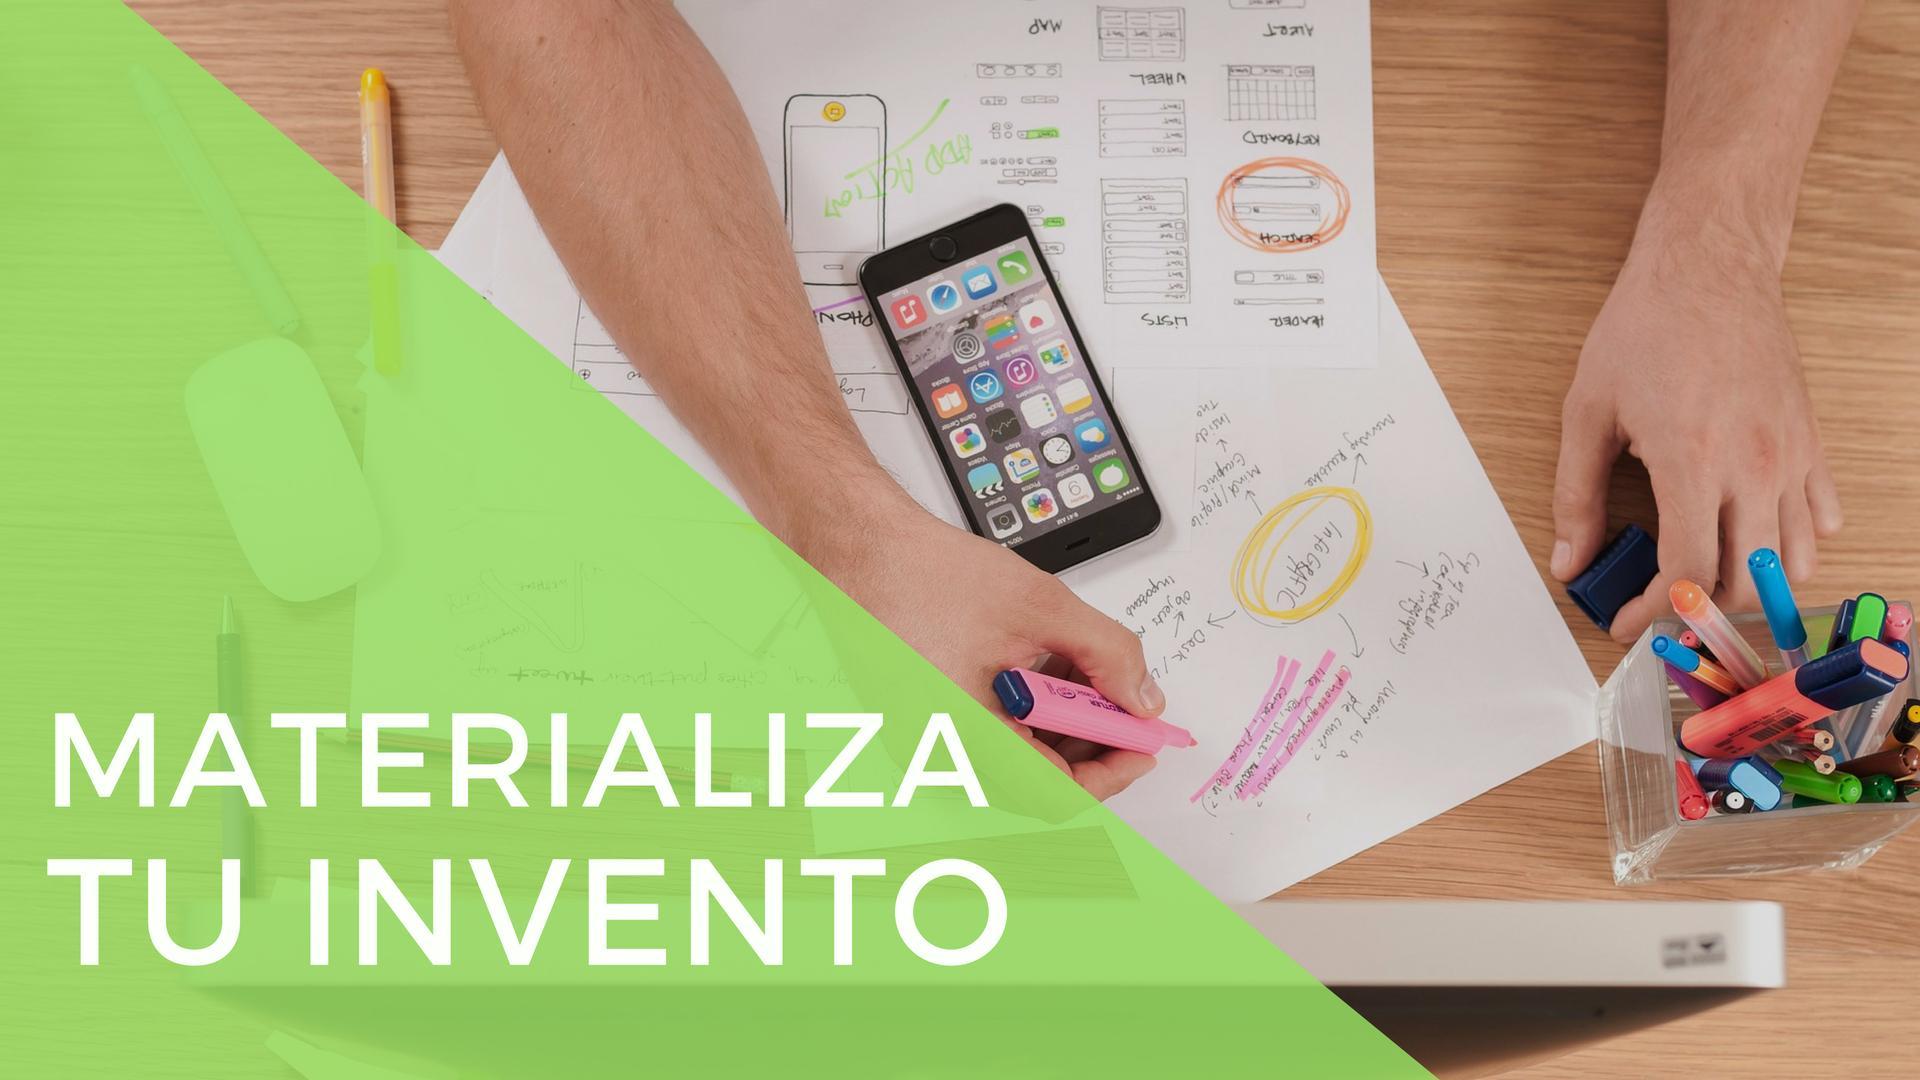 Cómo desarrollar un prototipo para tu invento